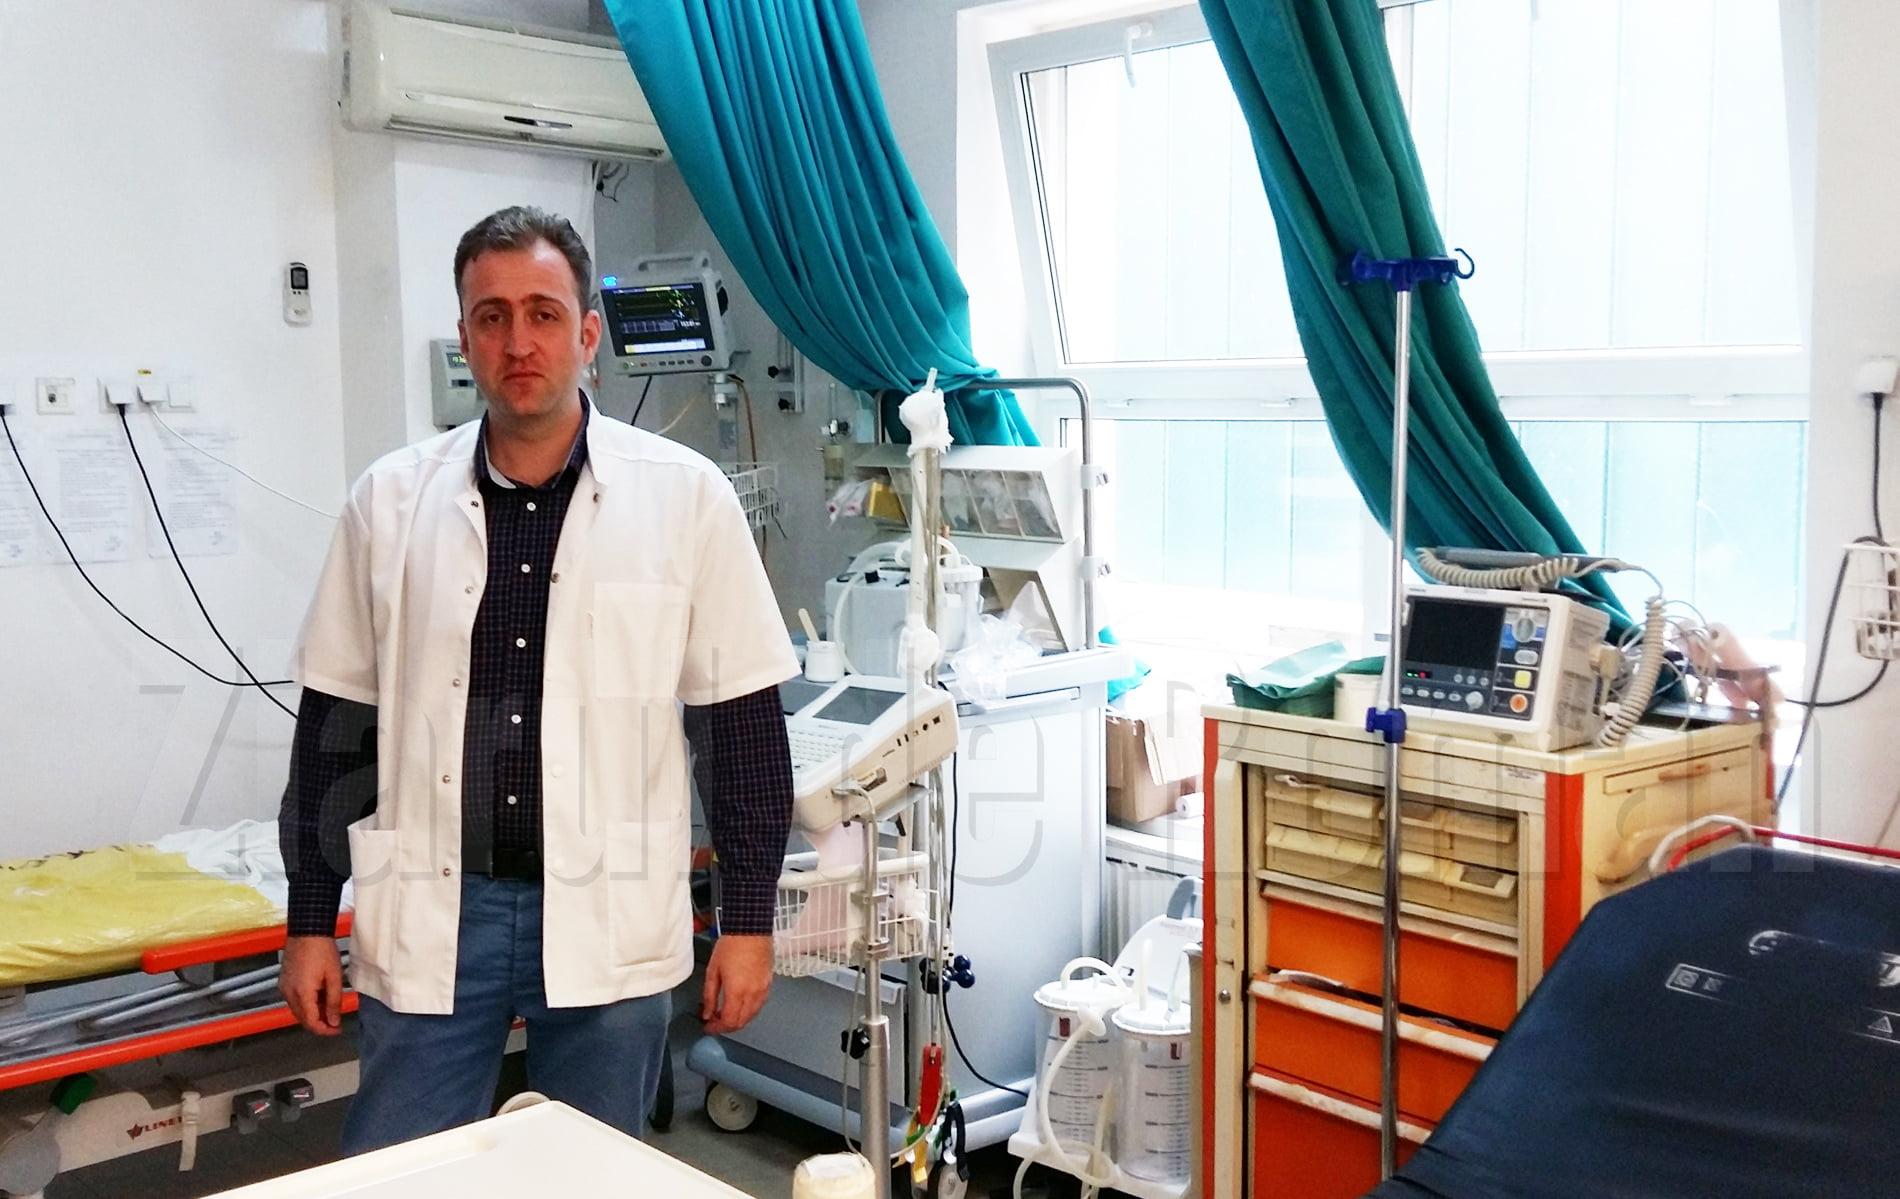 [VIDEO] Un medic vrea să părăsească spitalul după ce a fost agresat în timpul gărzii